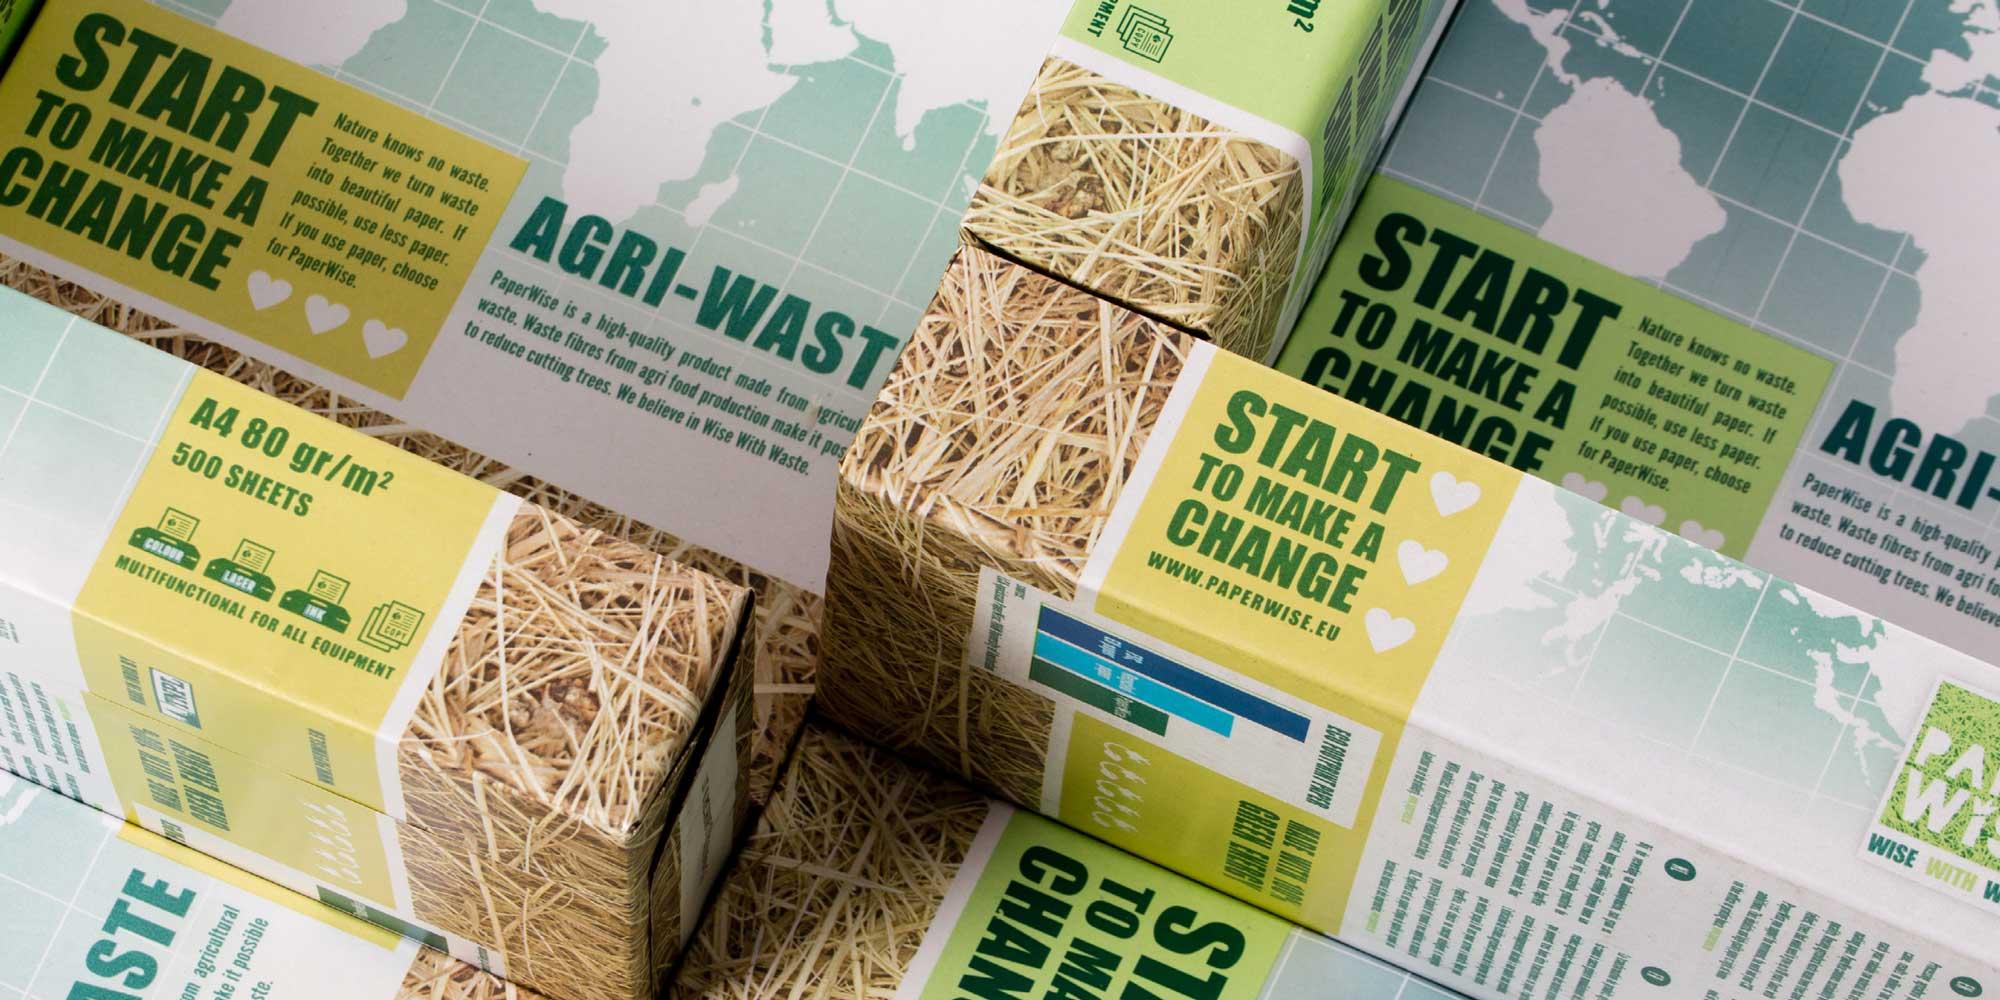 PaperWise umweltfreundlich sozial verantwortlich o?kologisch papier karton kopierpapier landwirtschaftlichen abfa?llen